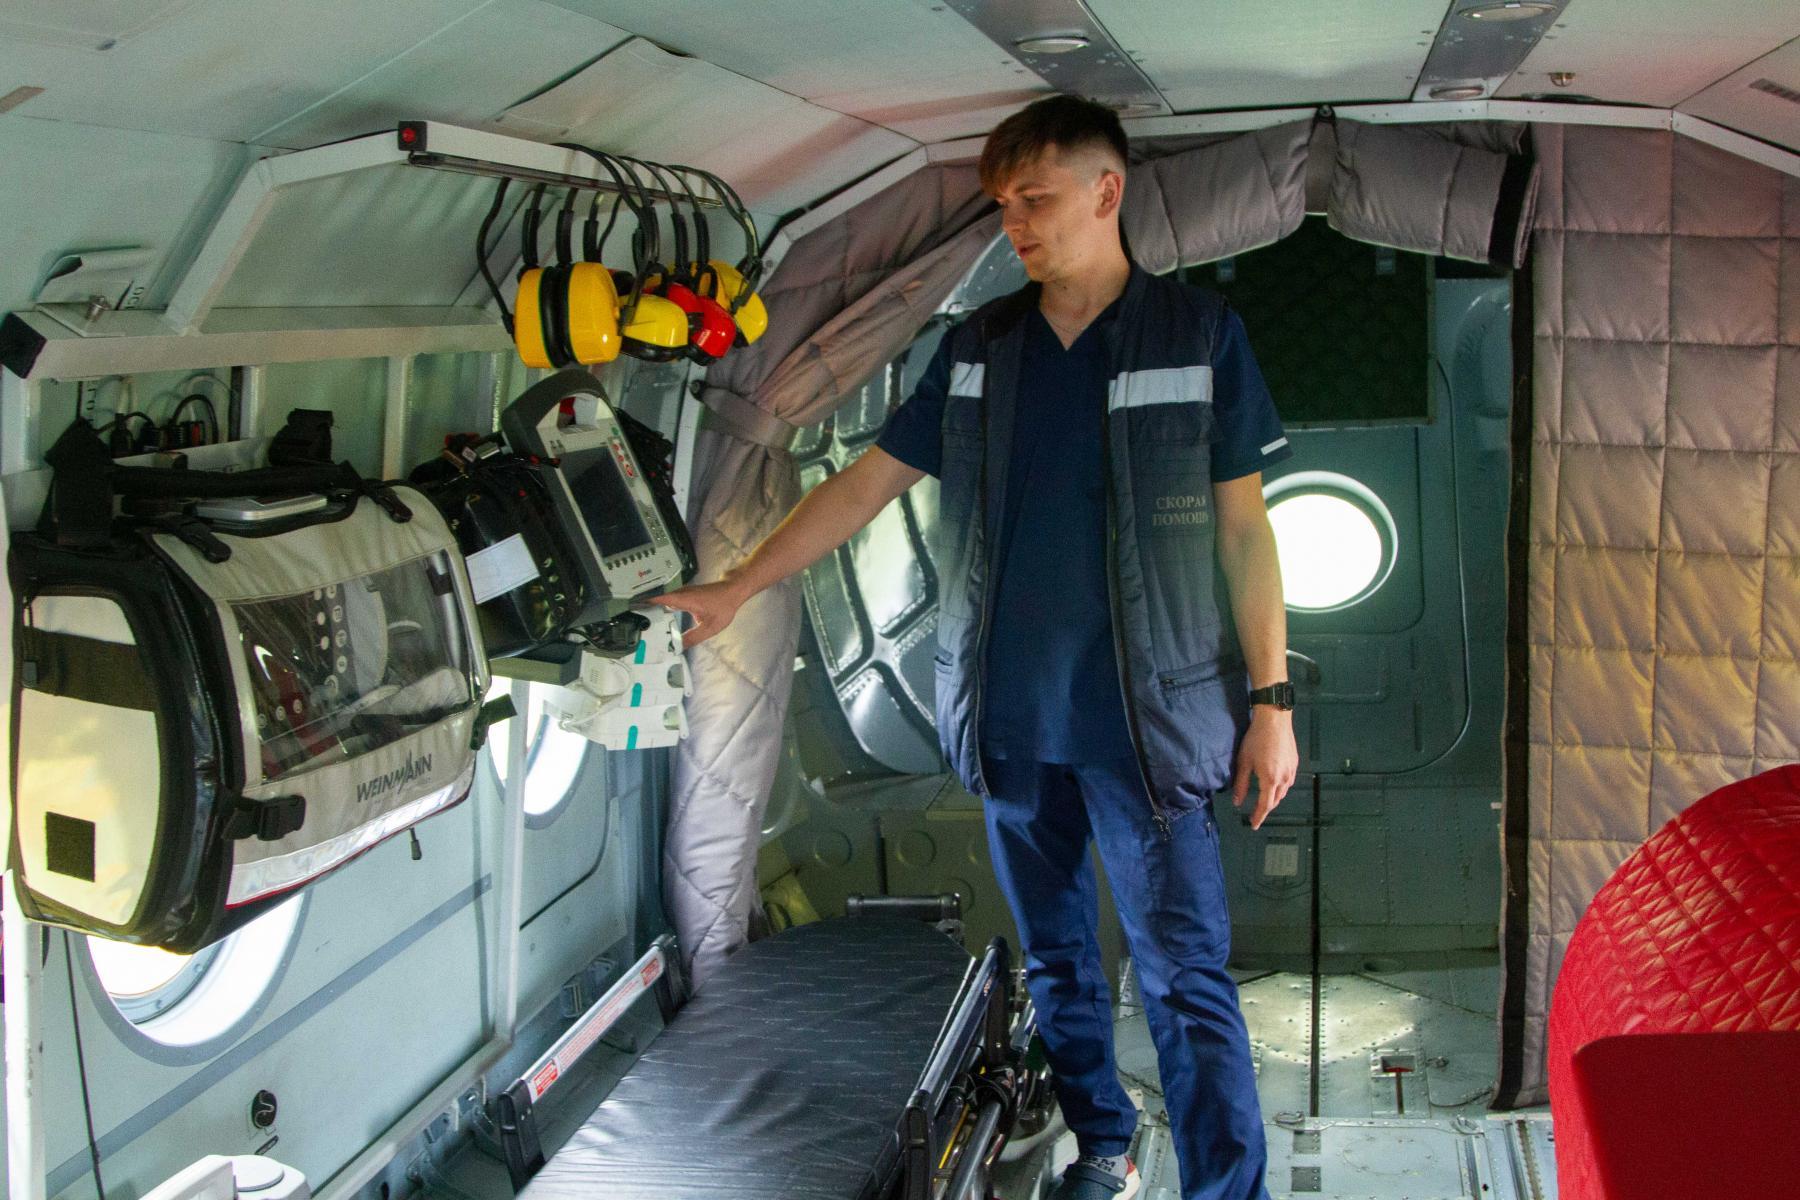 Фото Экстренный вылет: корреспондент Сиб.фм провёл смену с авиамедицинской бригадой 5